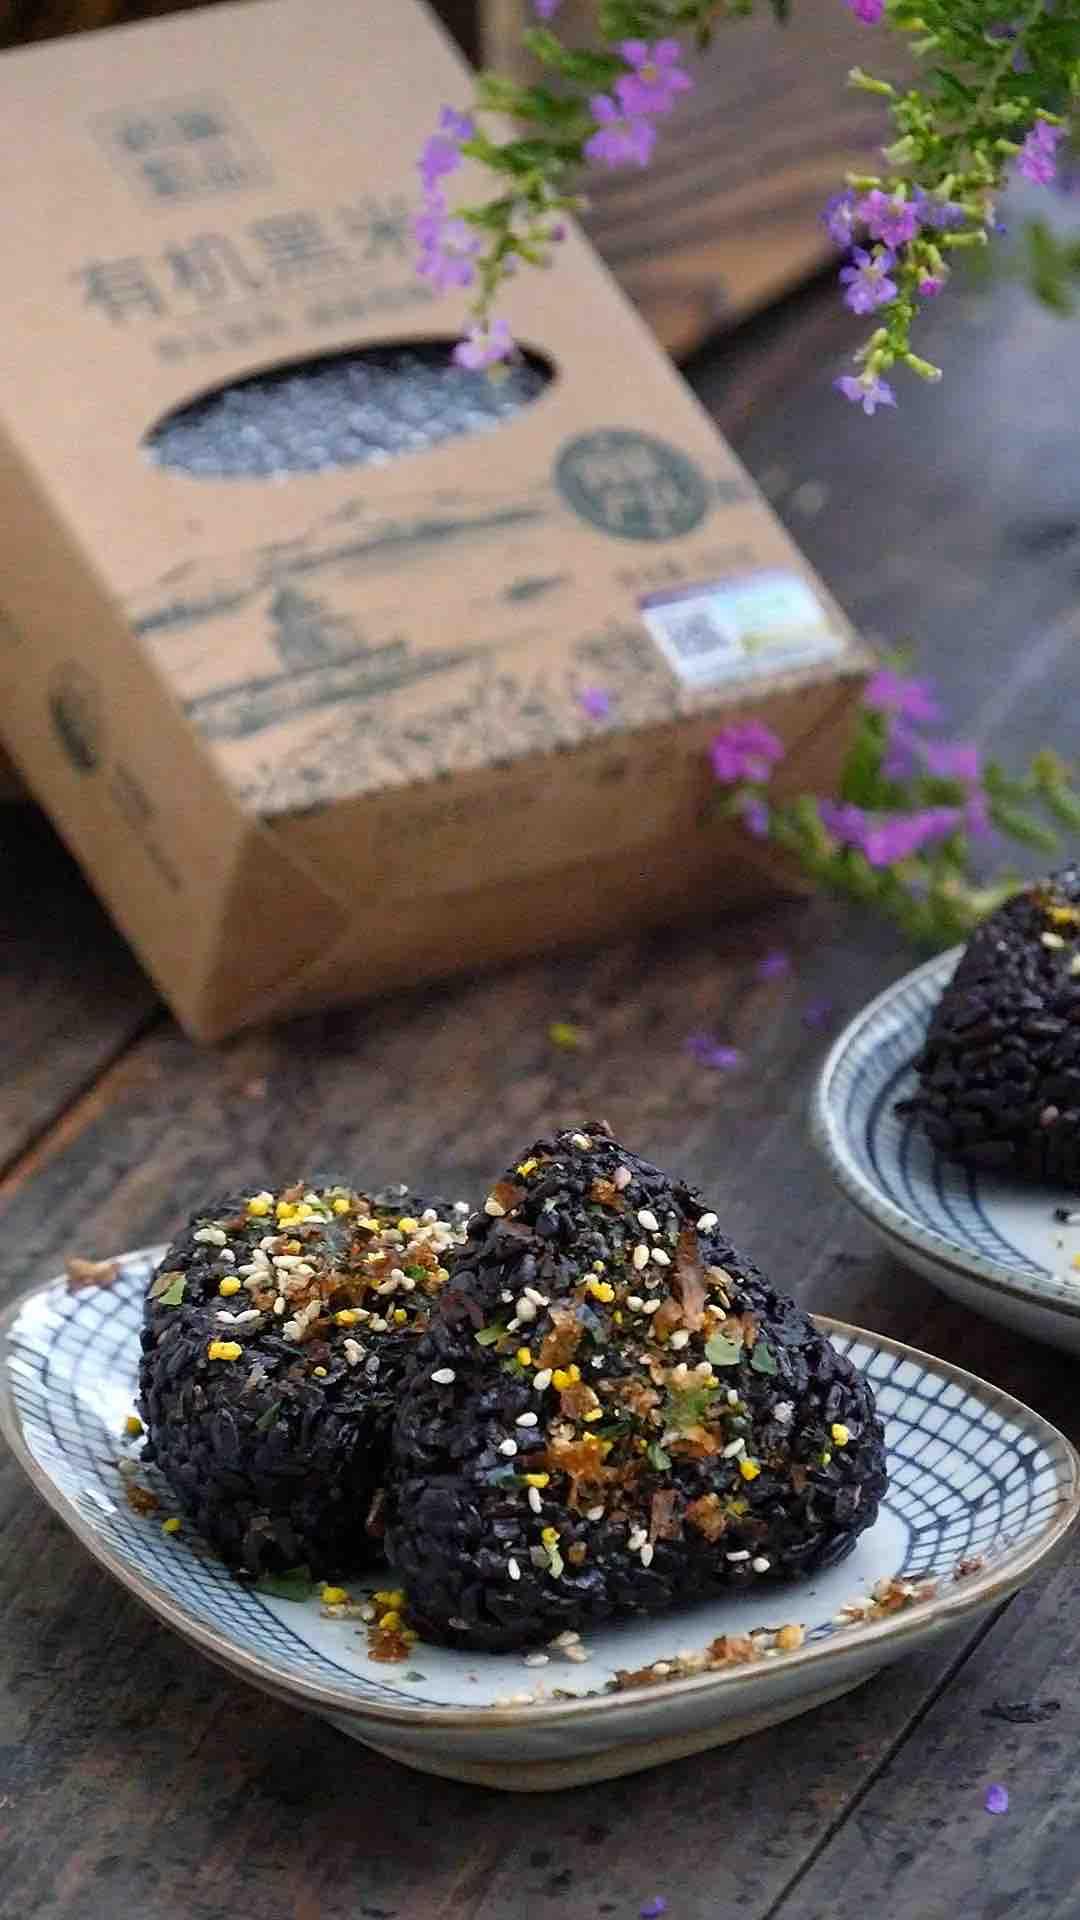 日式濑户风味黑米饭团